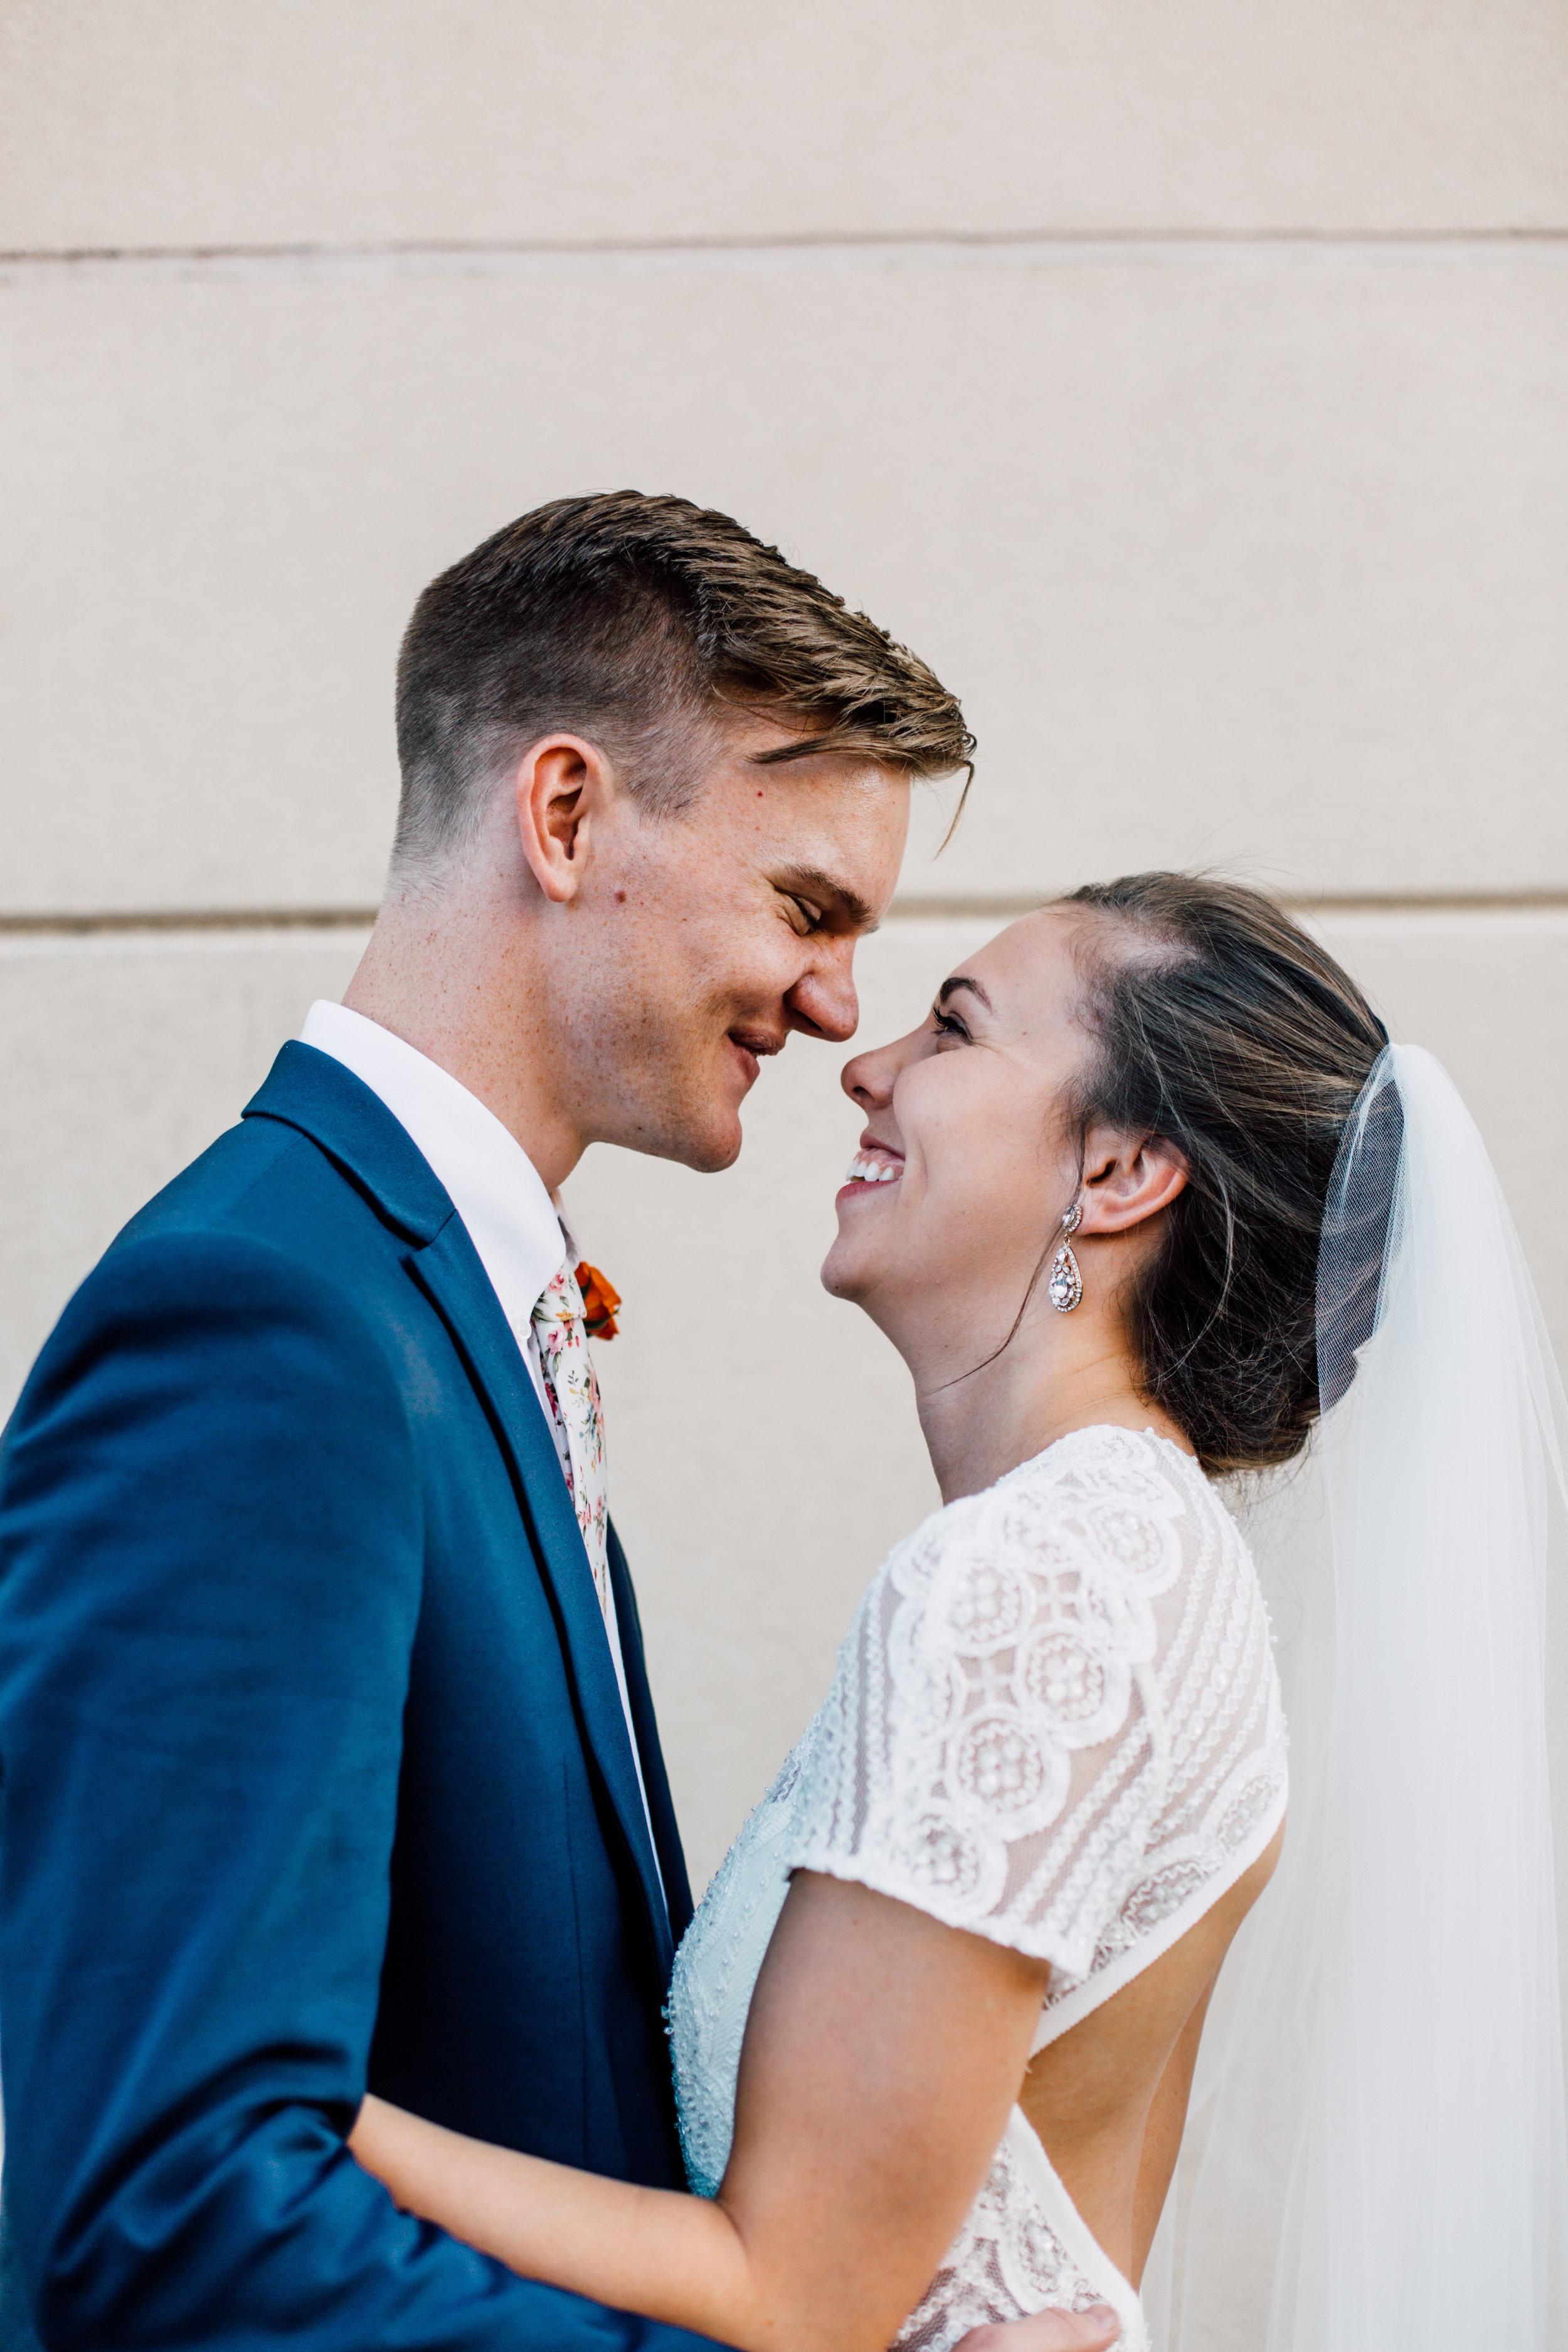 chattanooga_wedding_whitewall_couple